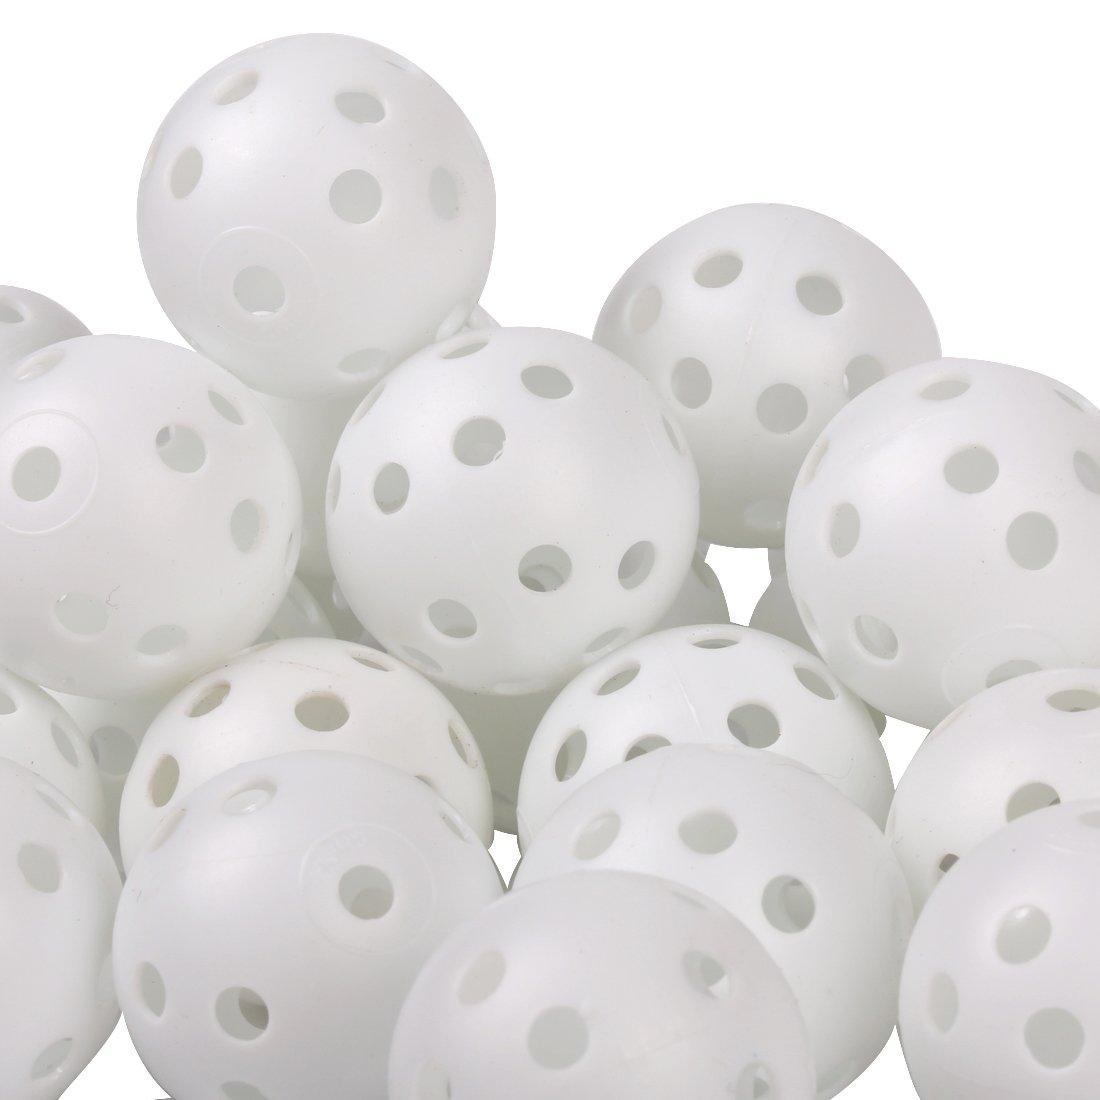 Andux 100 Golf Plastic Practice Balls White KXQ